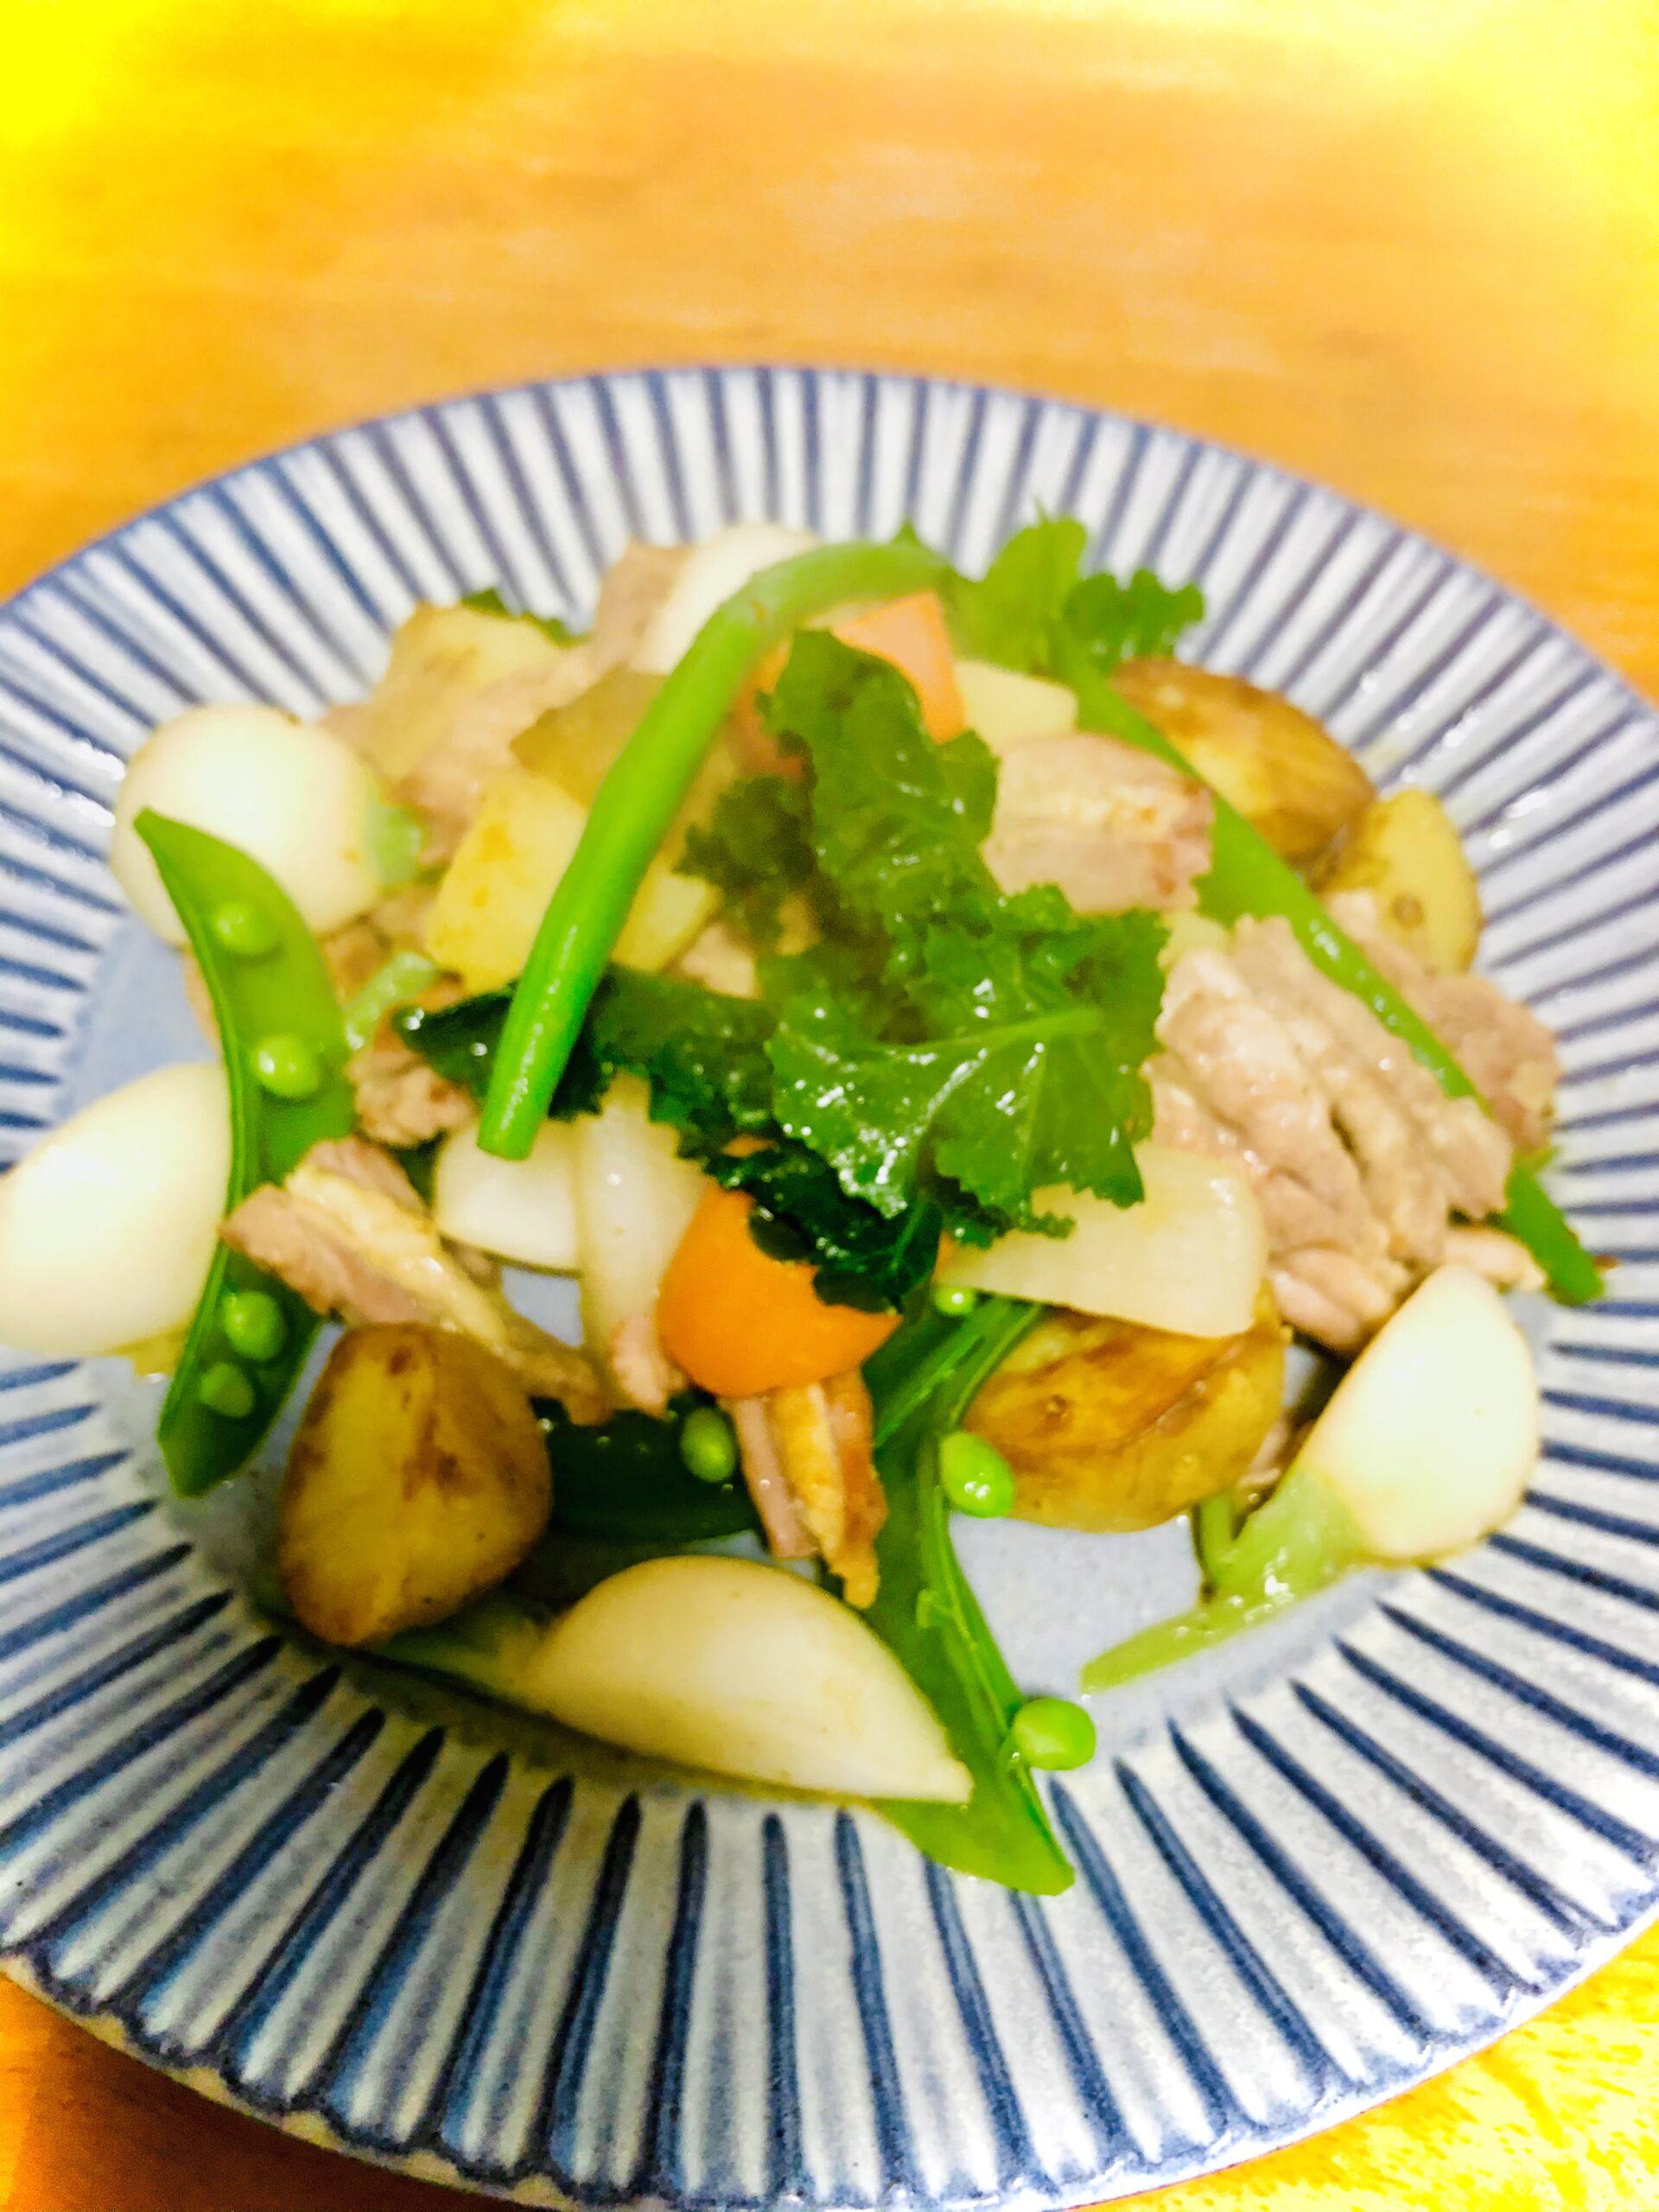 塩ゆで野菜で作った温野菜